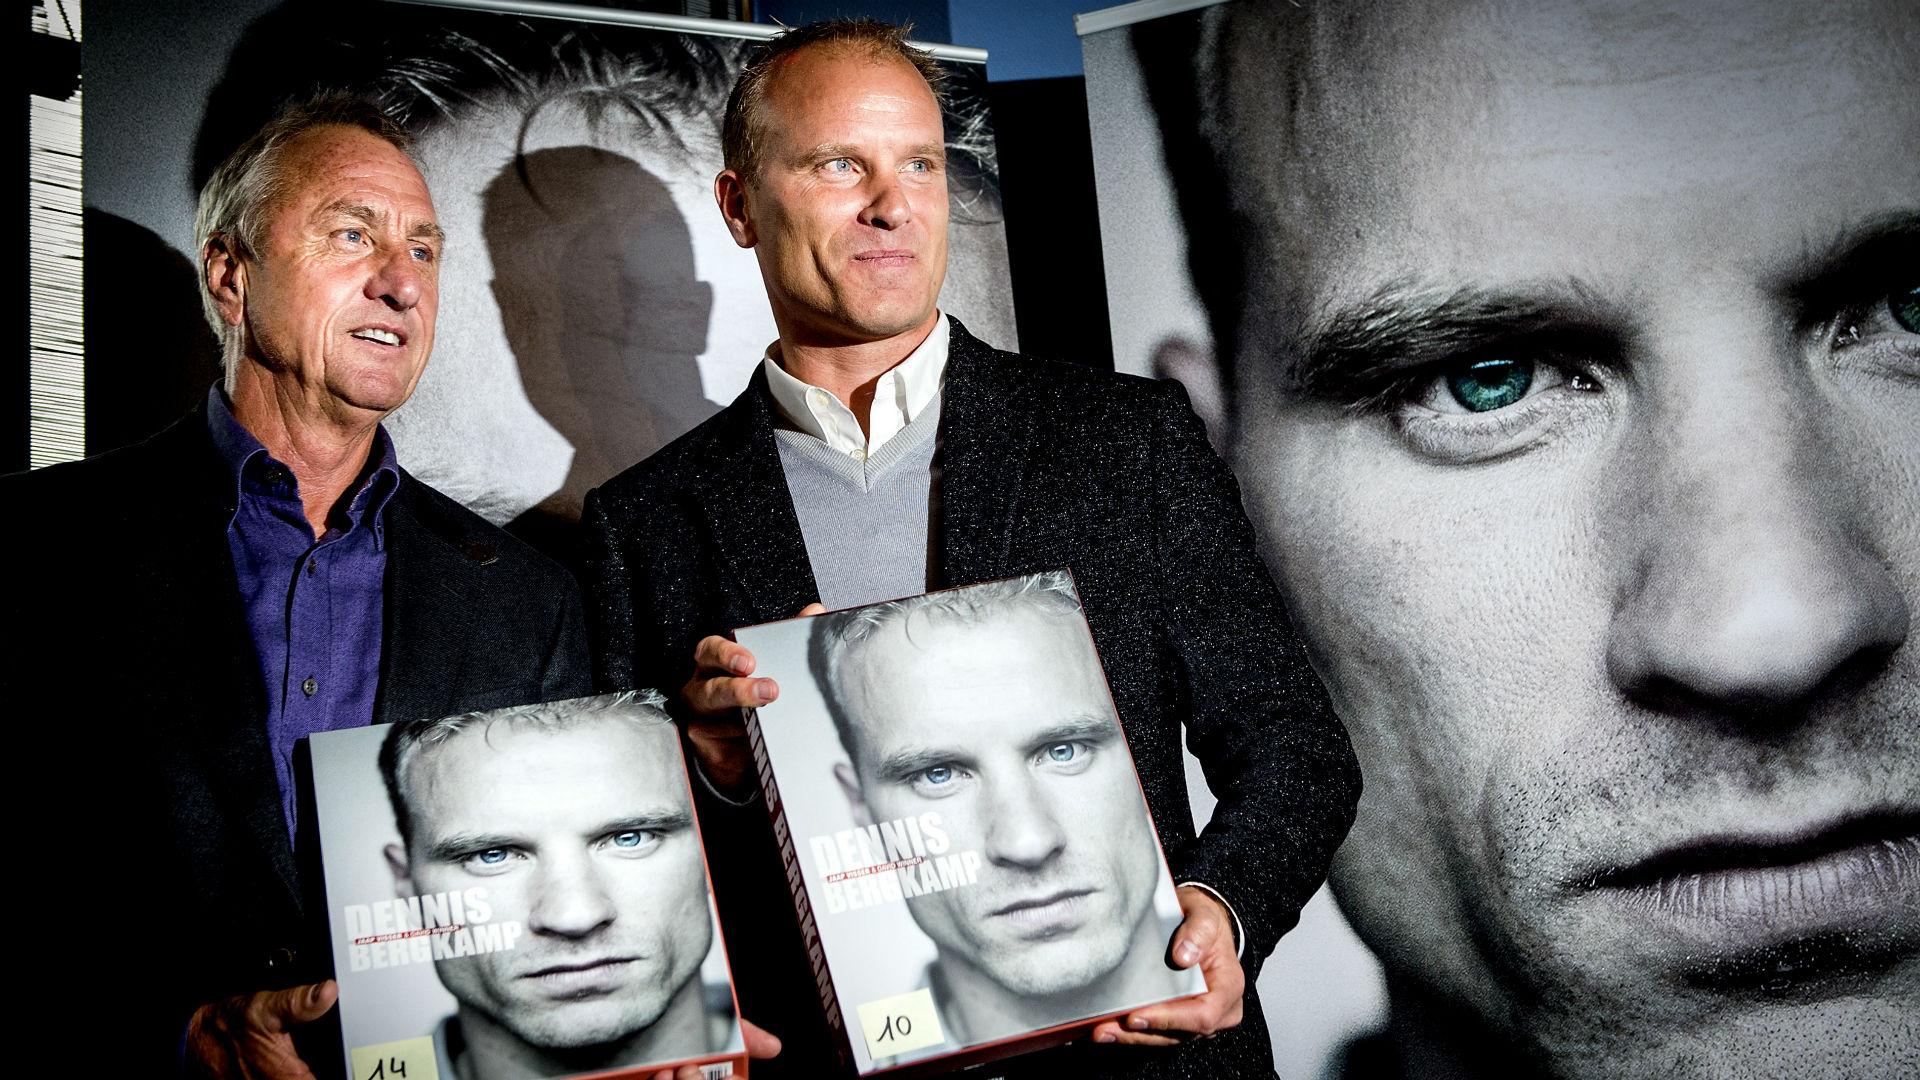 Johan Cruyff Dennis Bergkamp book